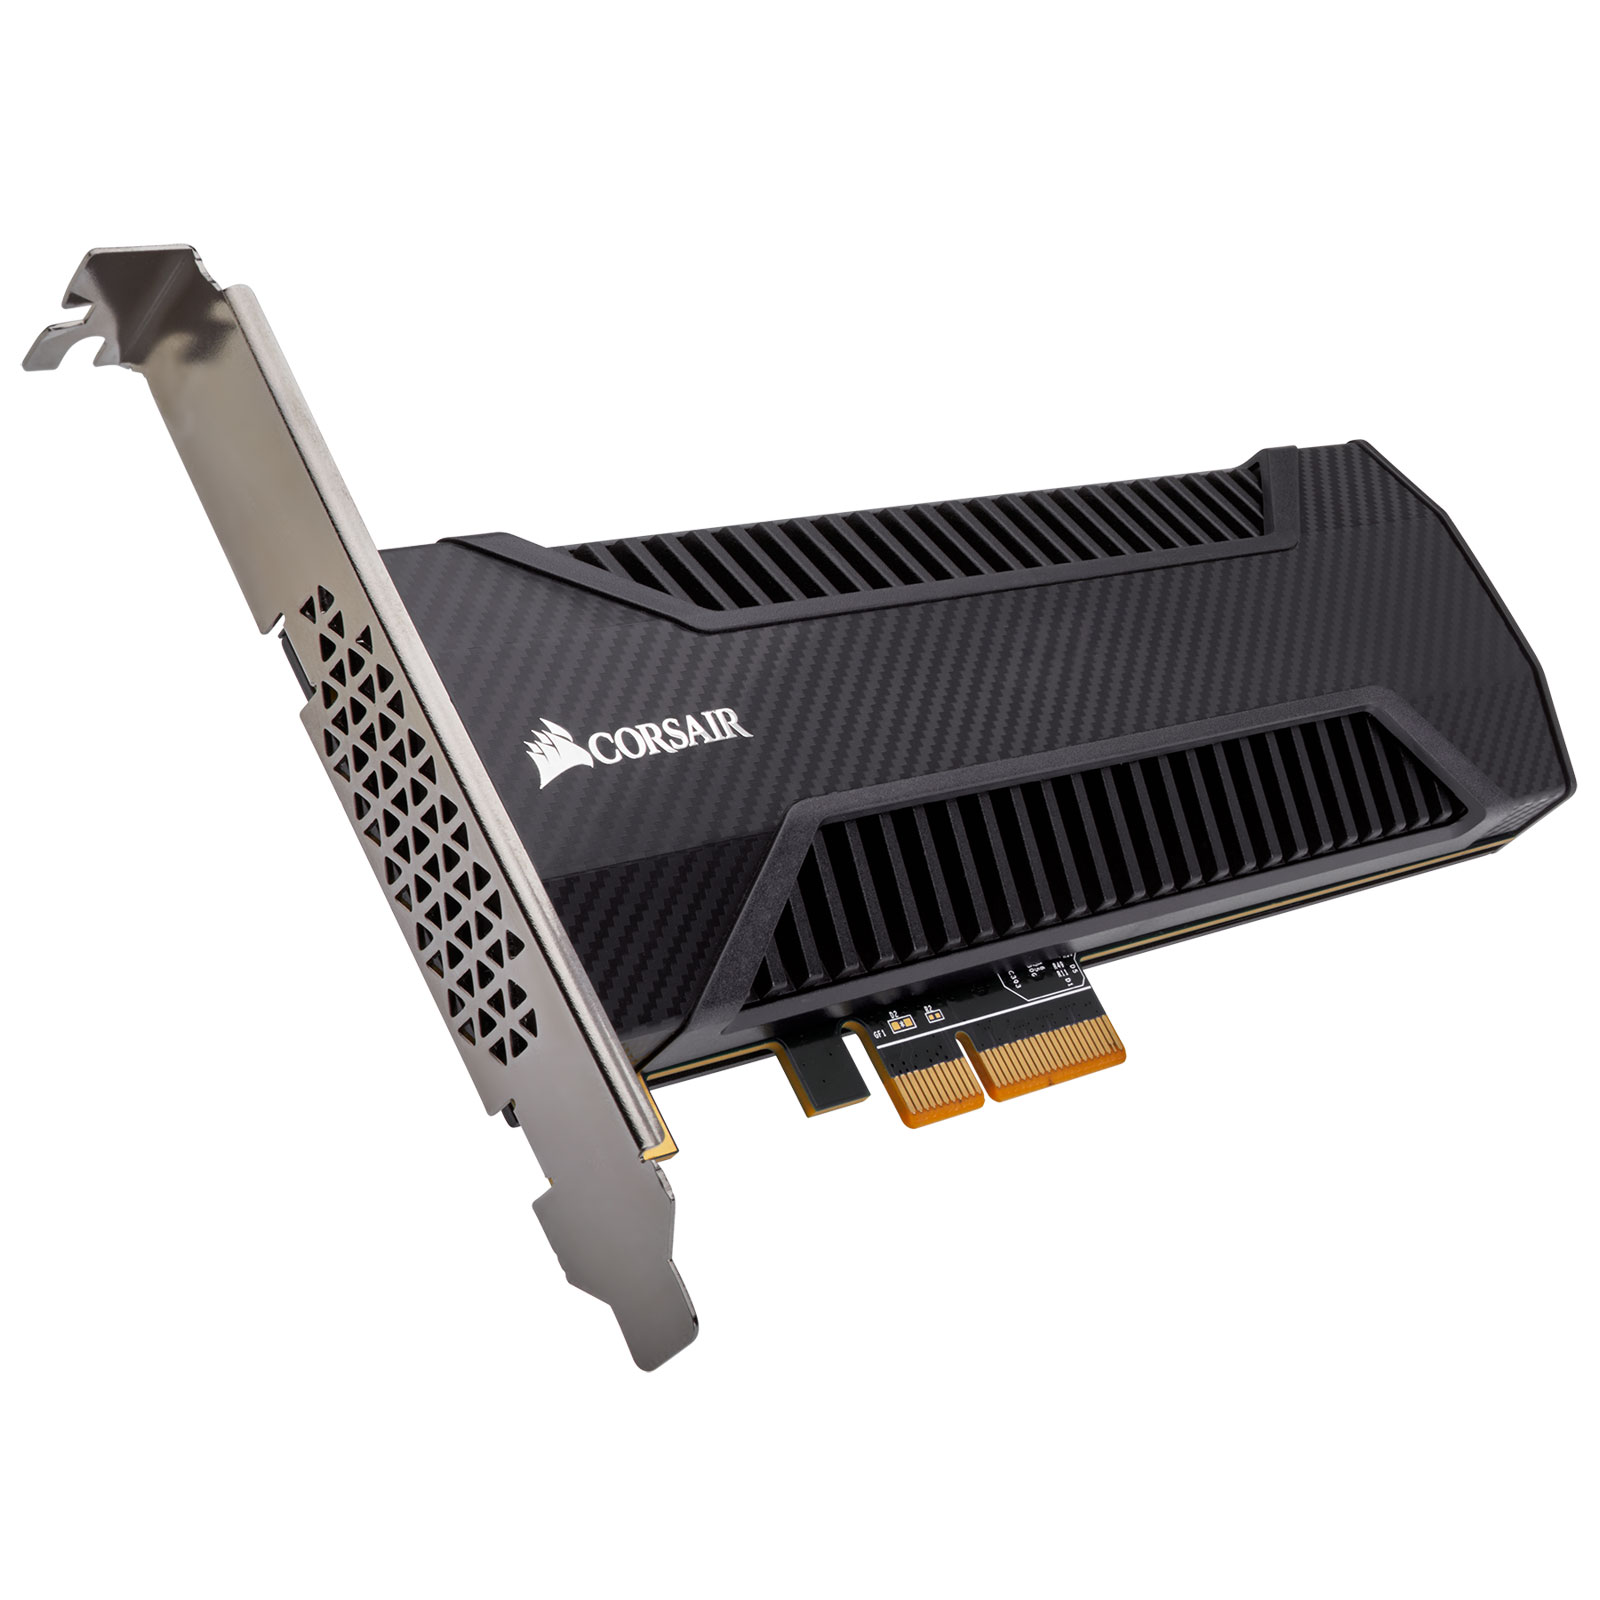 Disque SSD Corsair Neutron NX500 1600 Go SSD 1600 Go PCI-E 3.0 4x NVMe - CSSD-N1600GBNX500